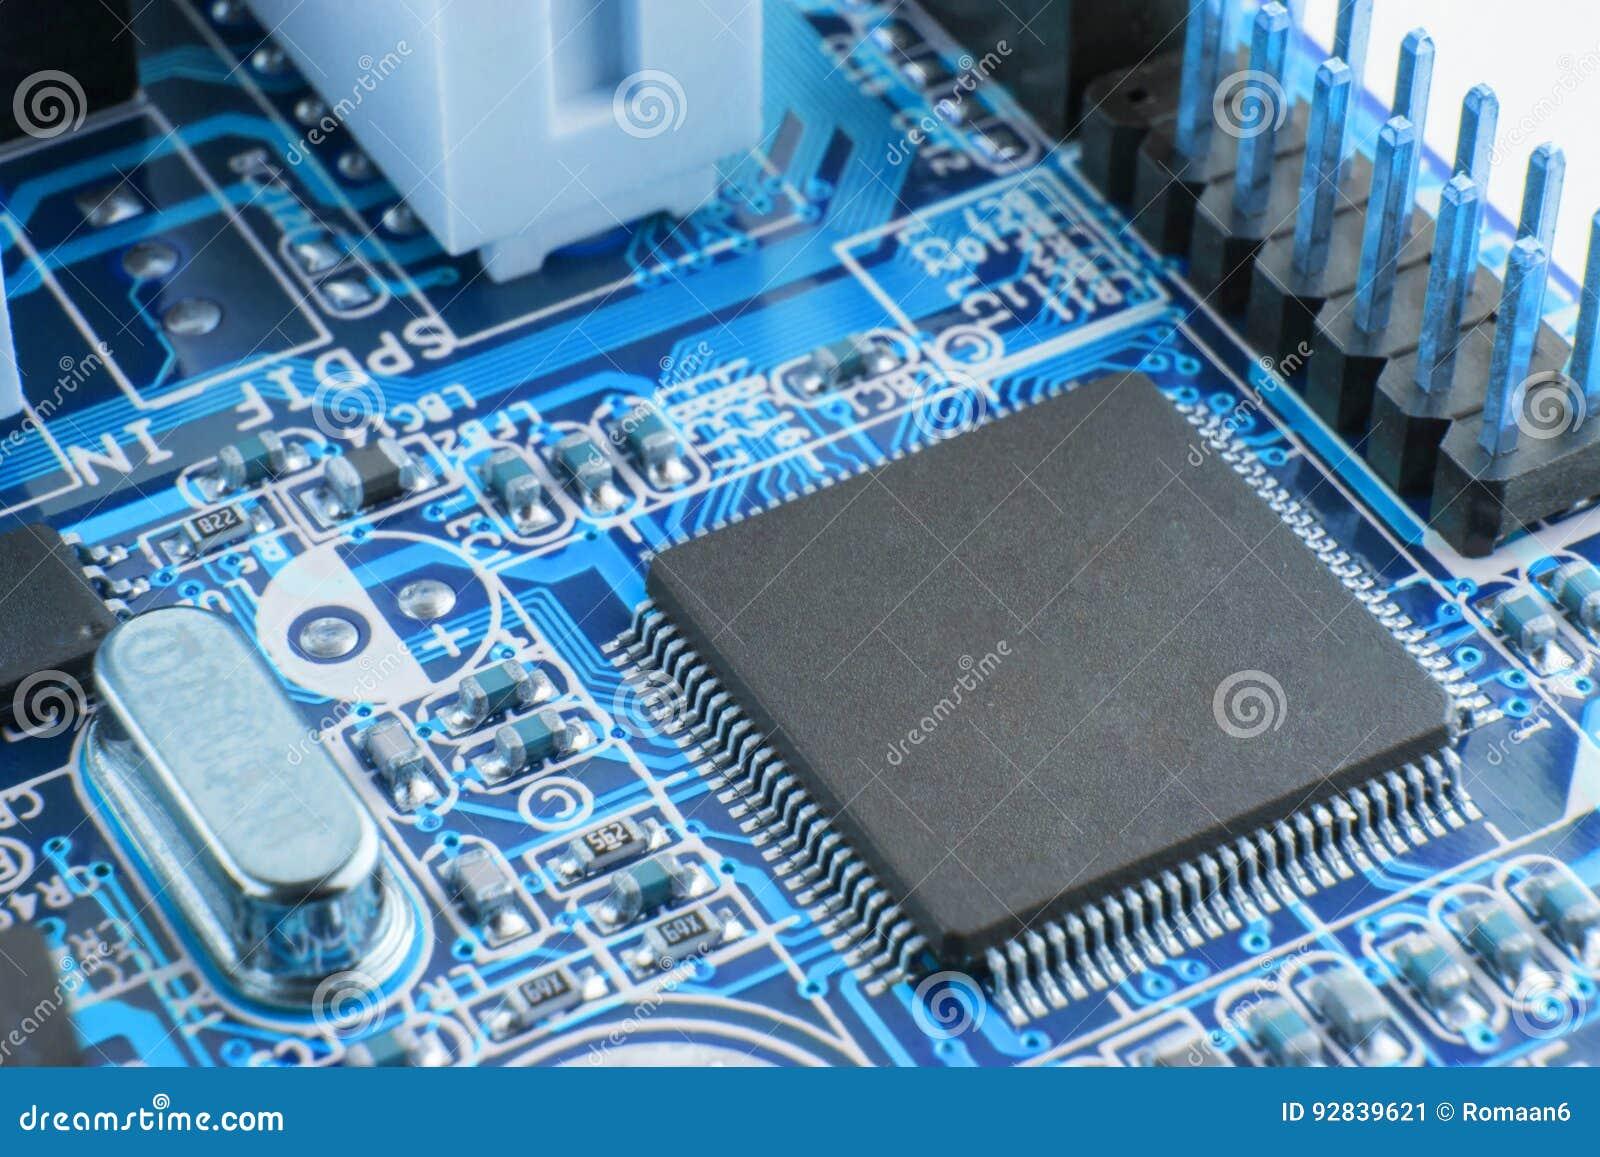 Nahaufnahme der elektronischen Leiterplatte mit Prozessor